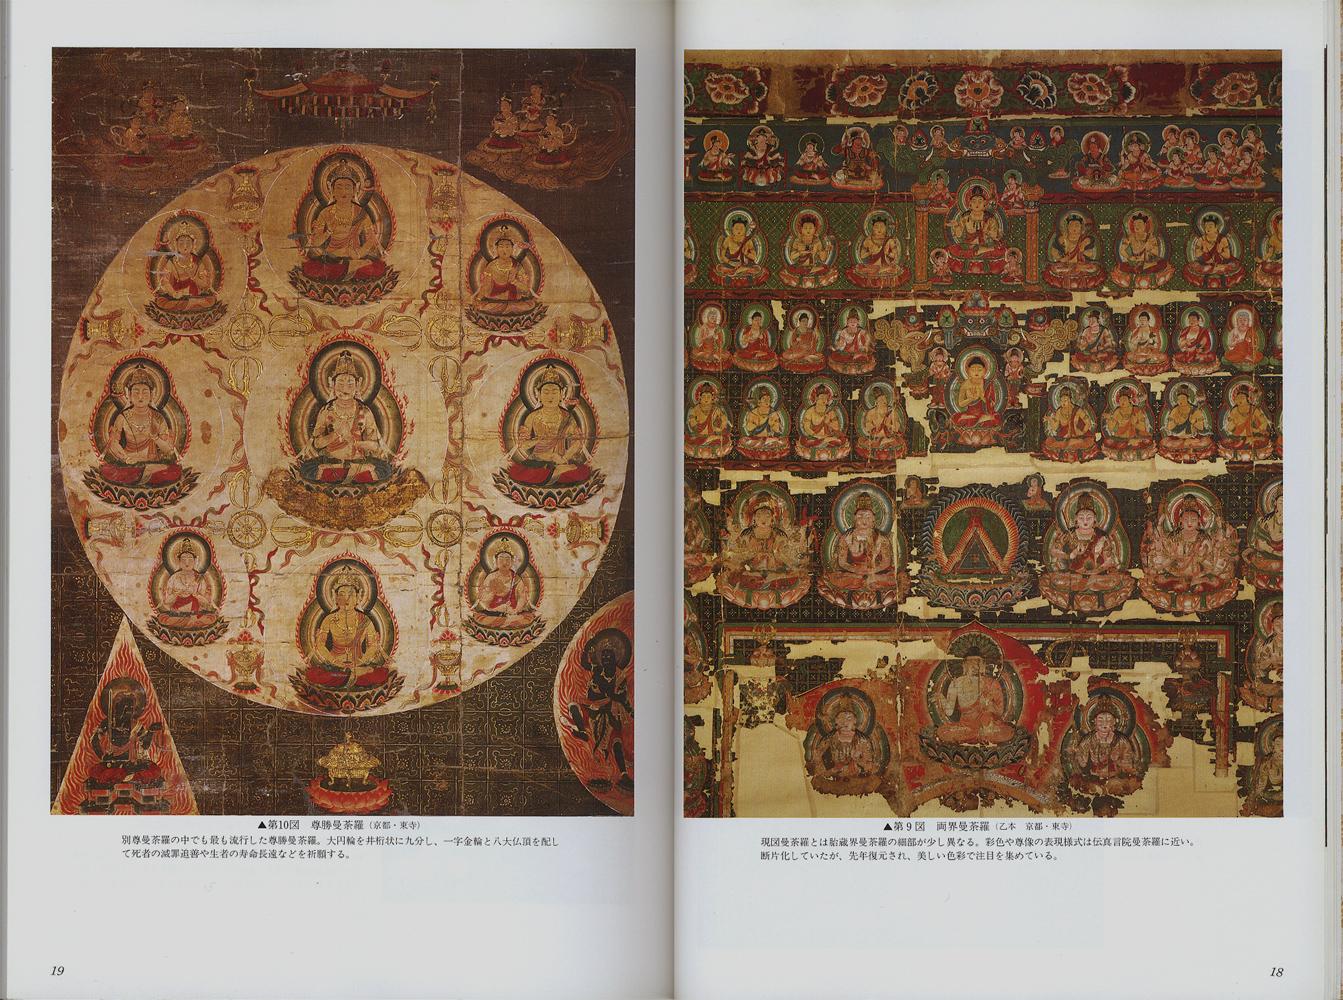 曼荼羅の鑑賞基礎知識[image3]